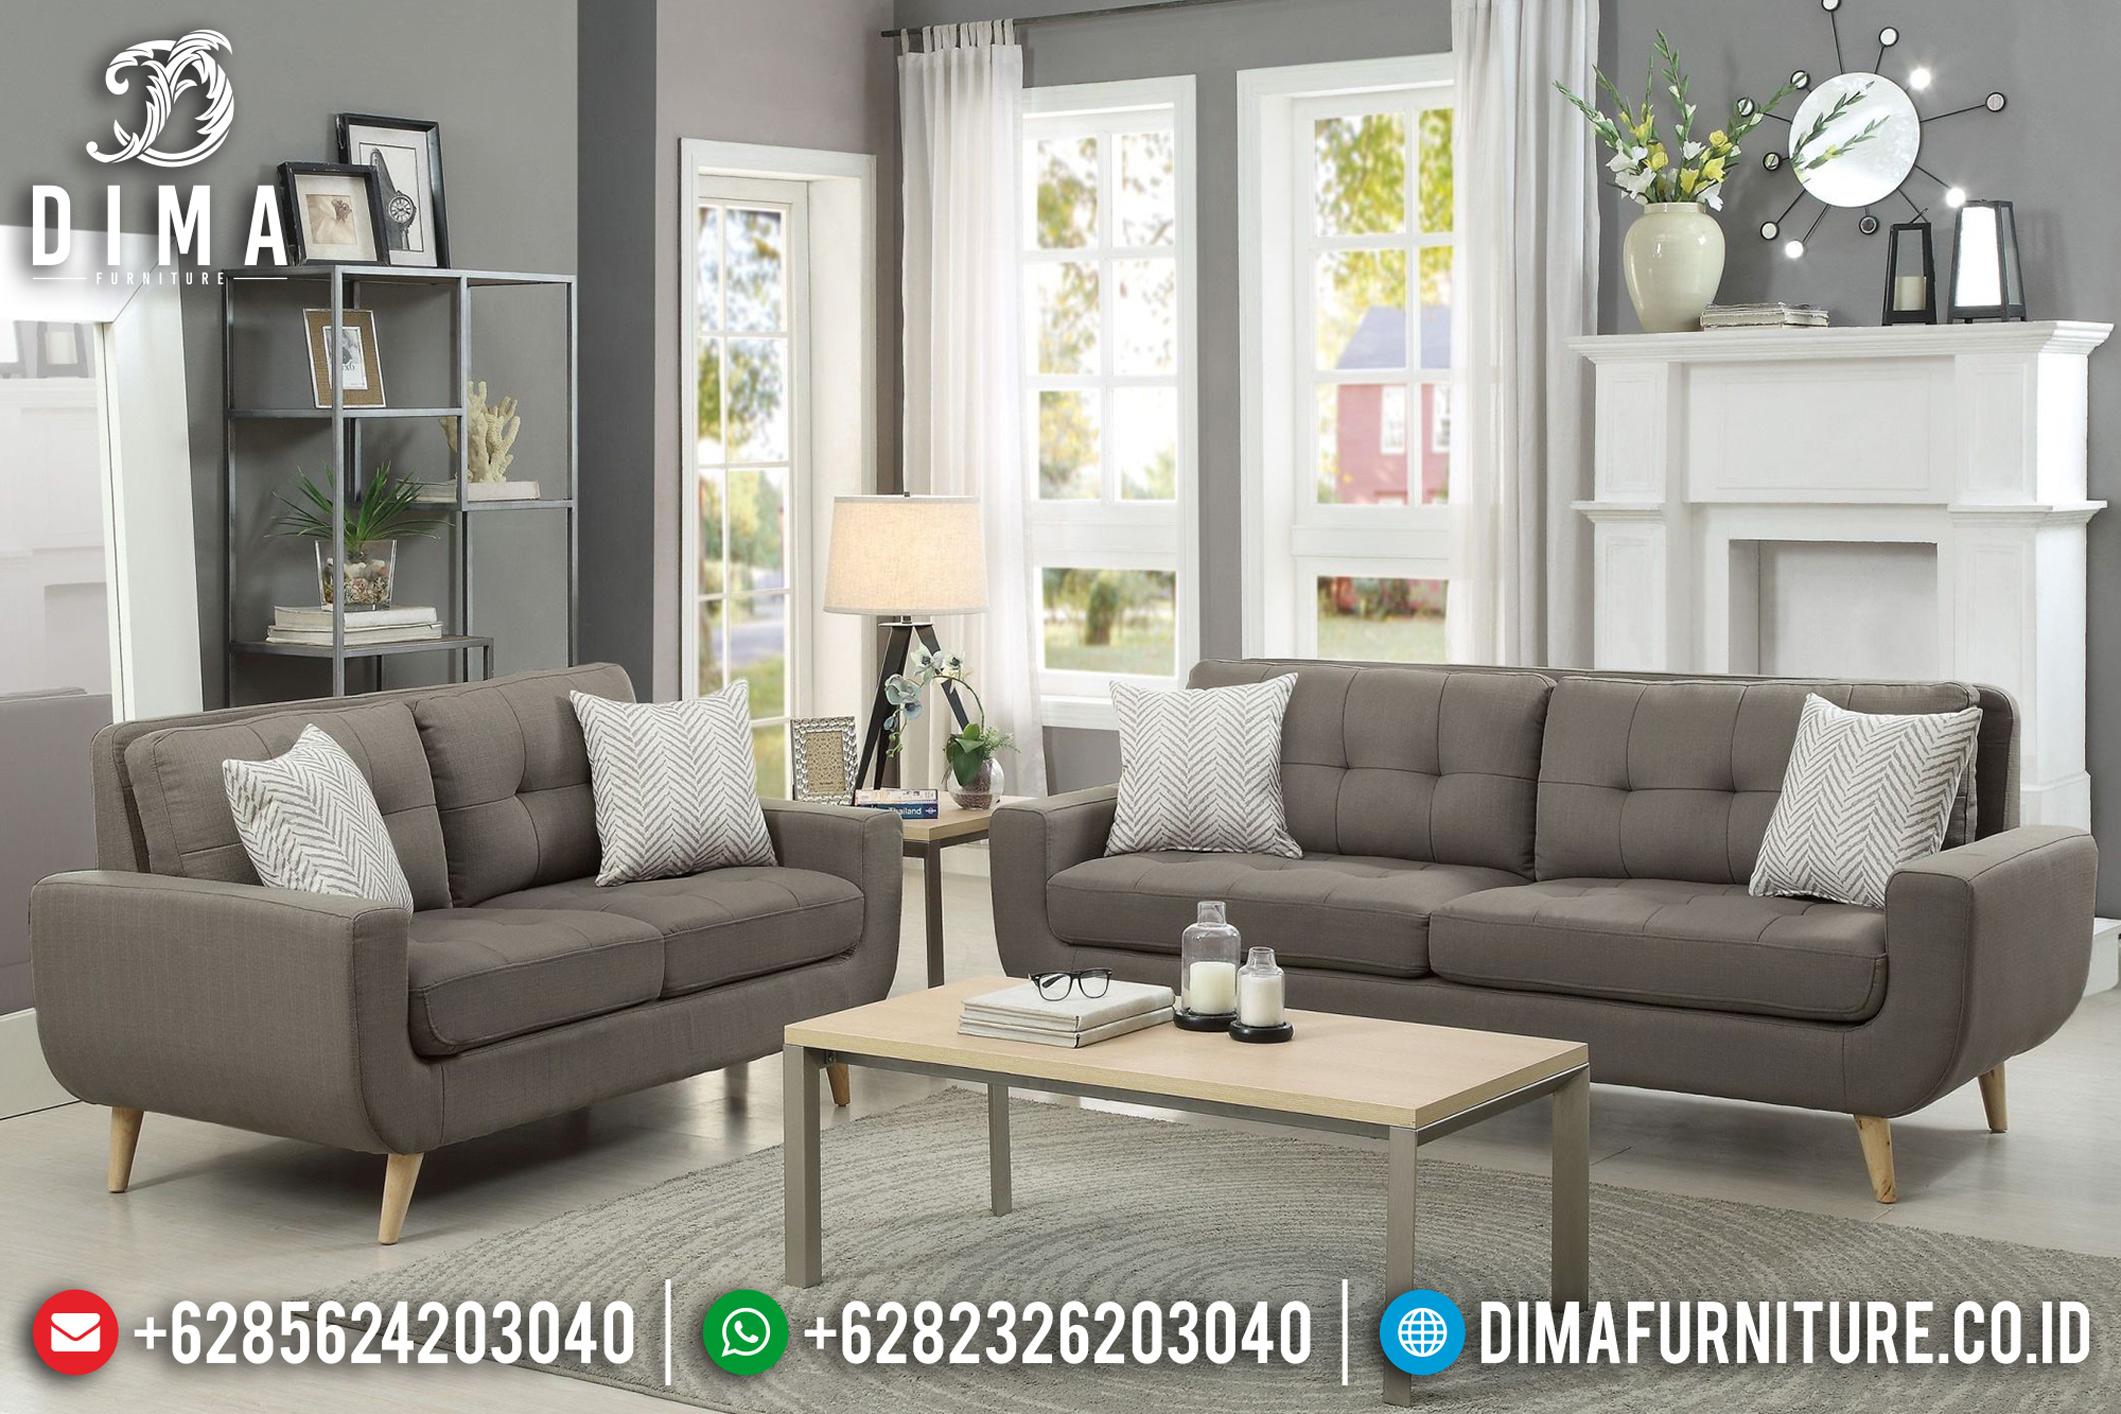 Jual Set Sofa Tamu Minimalis Jepara Model Terbaru Gray Skin DF-0767